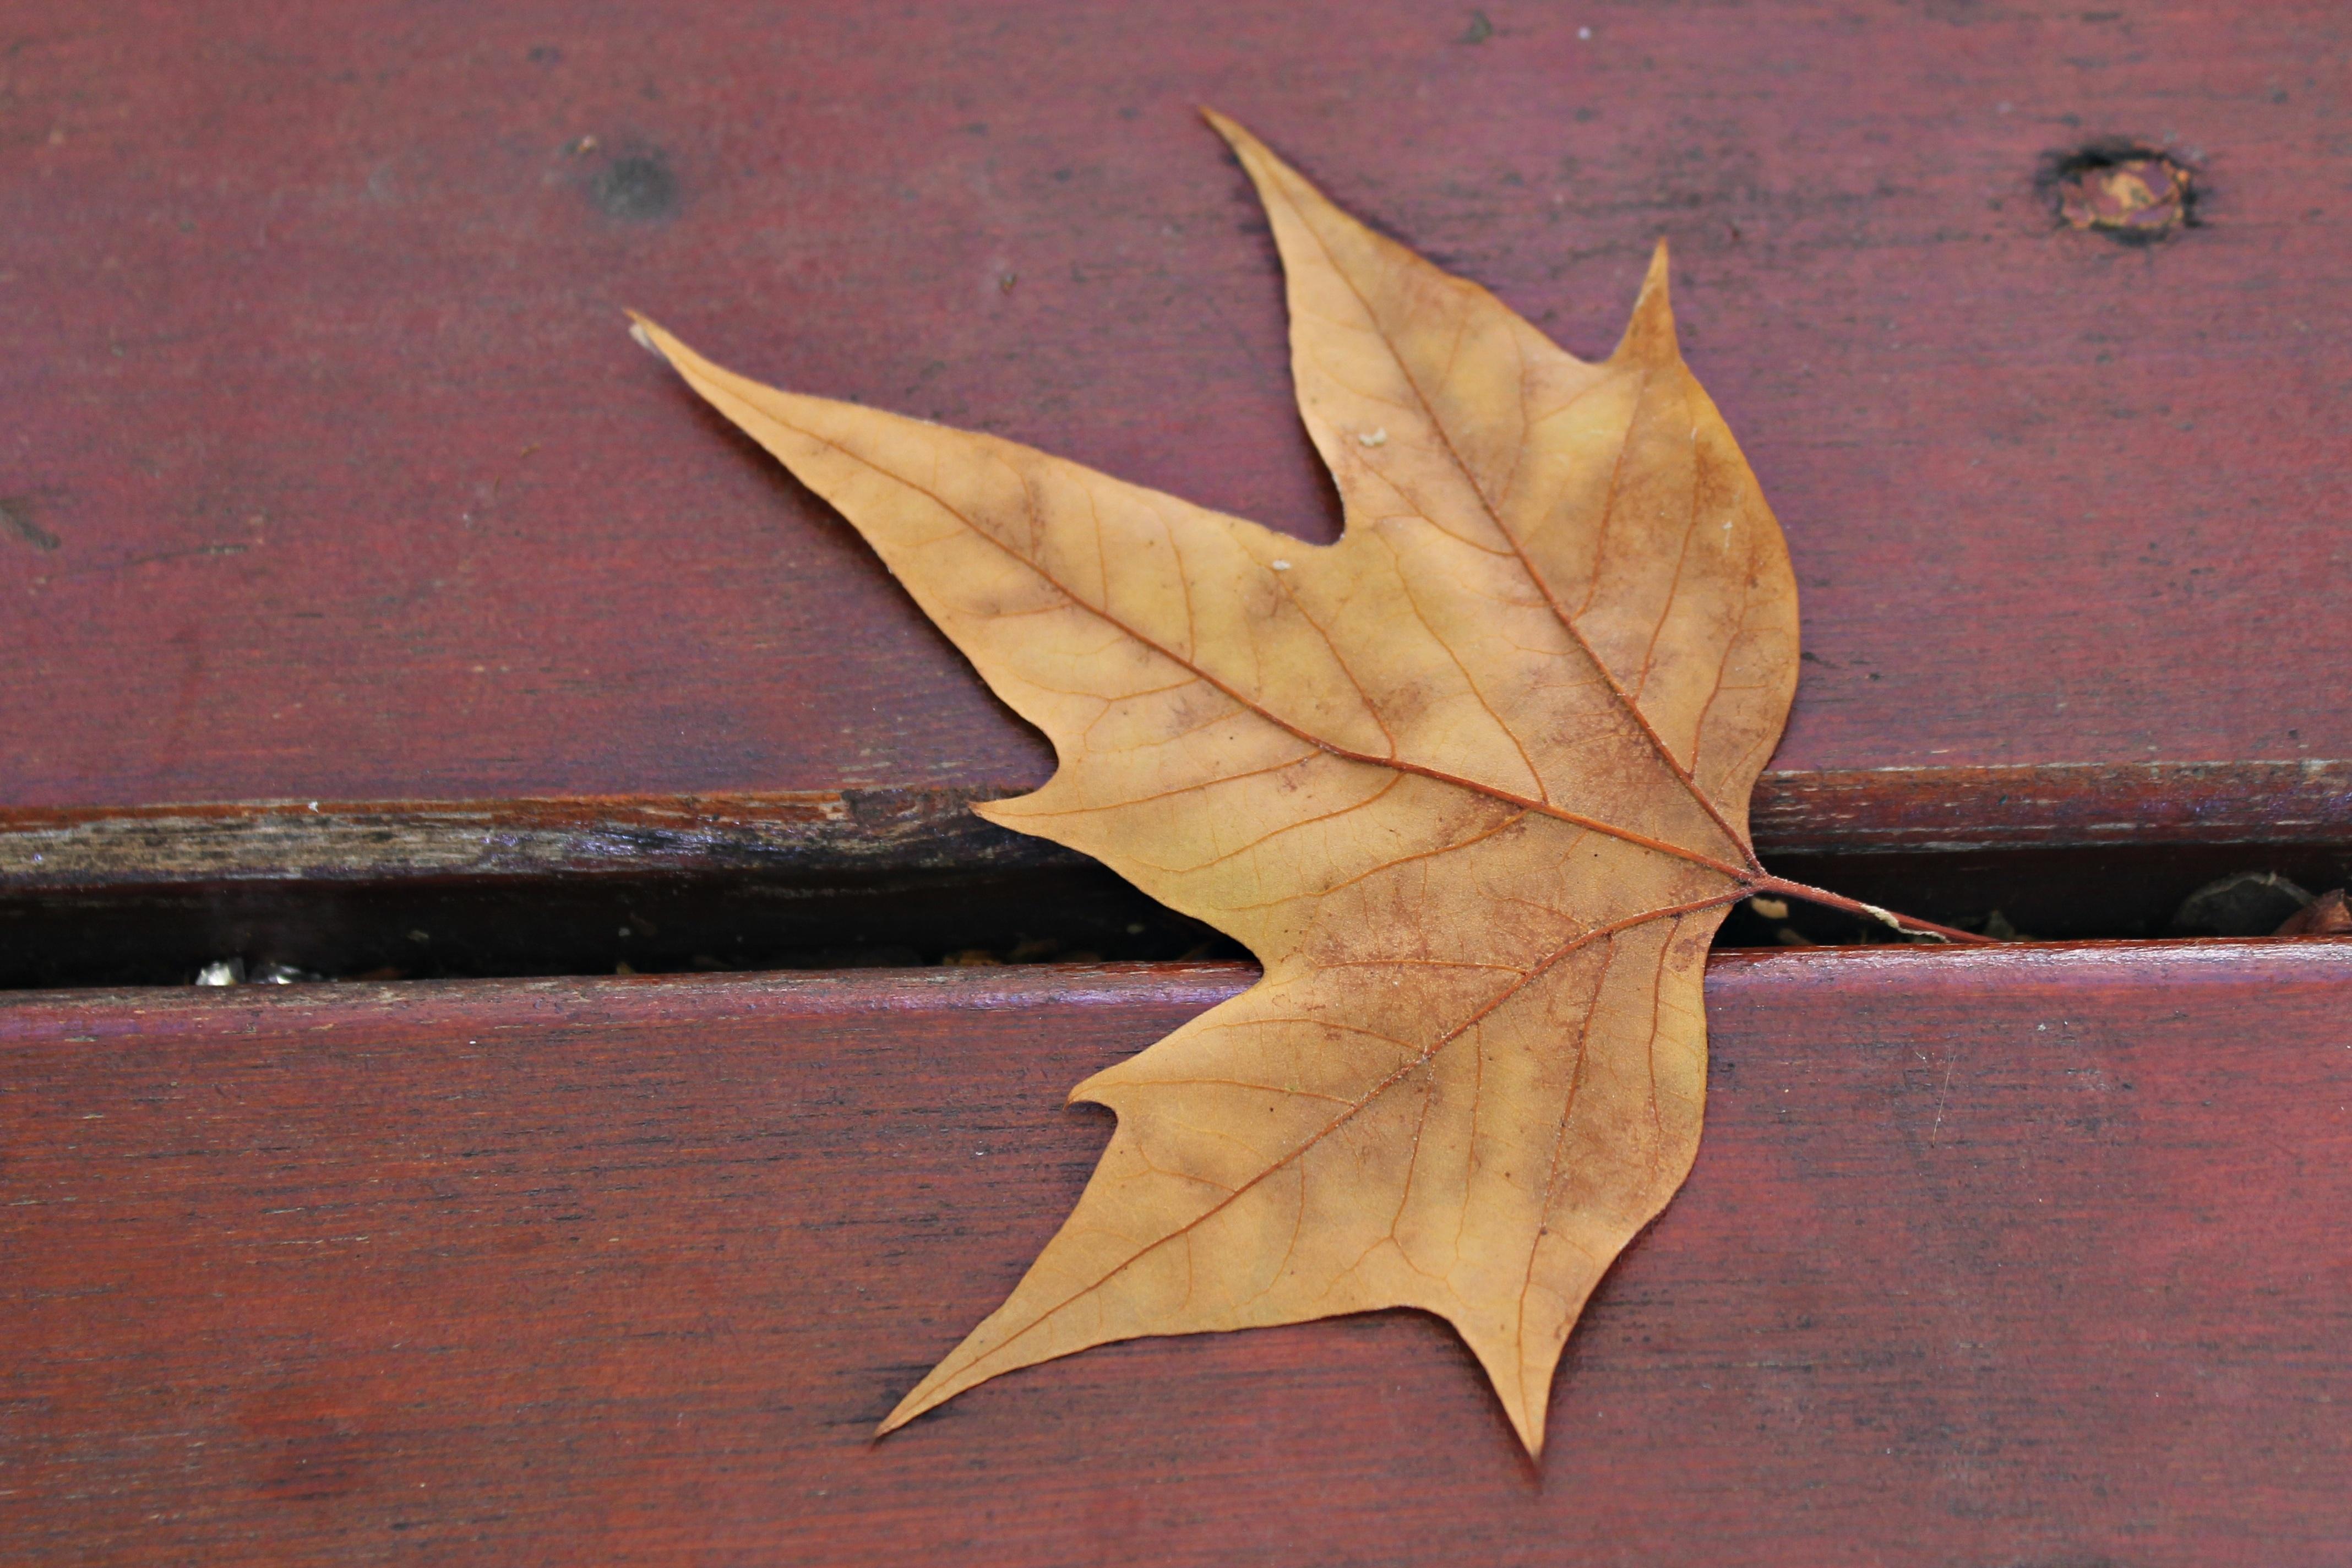 Fotos gratis : árbol, planta, madera, flor, otoño, parque, bodegón ...